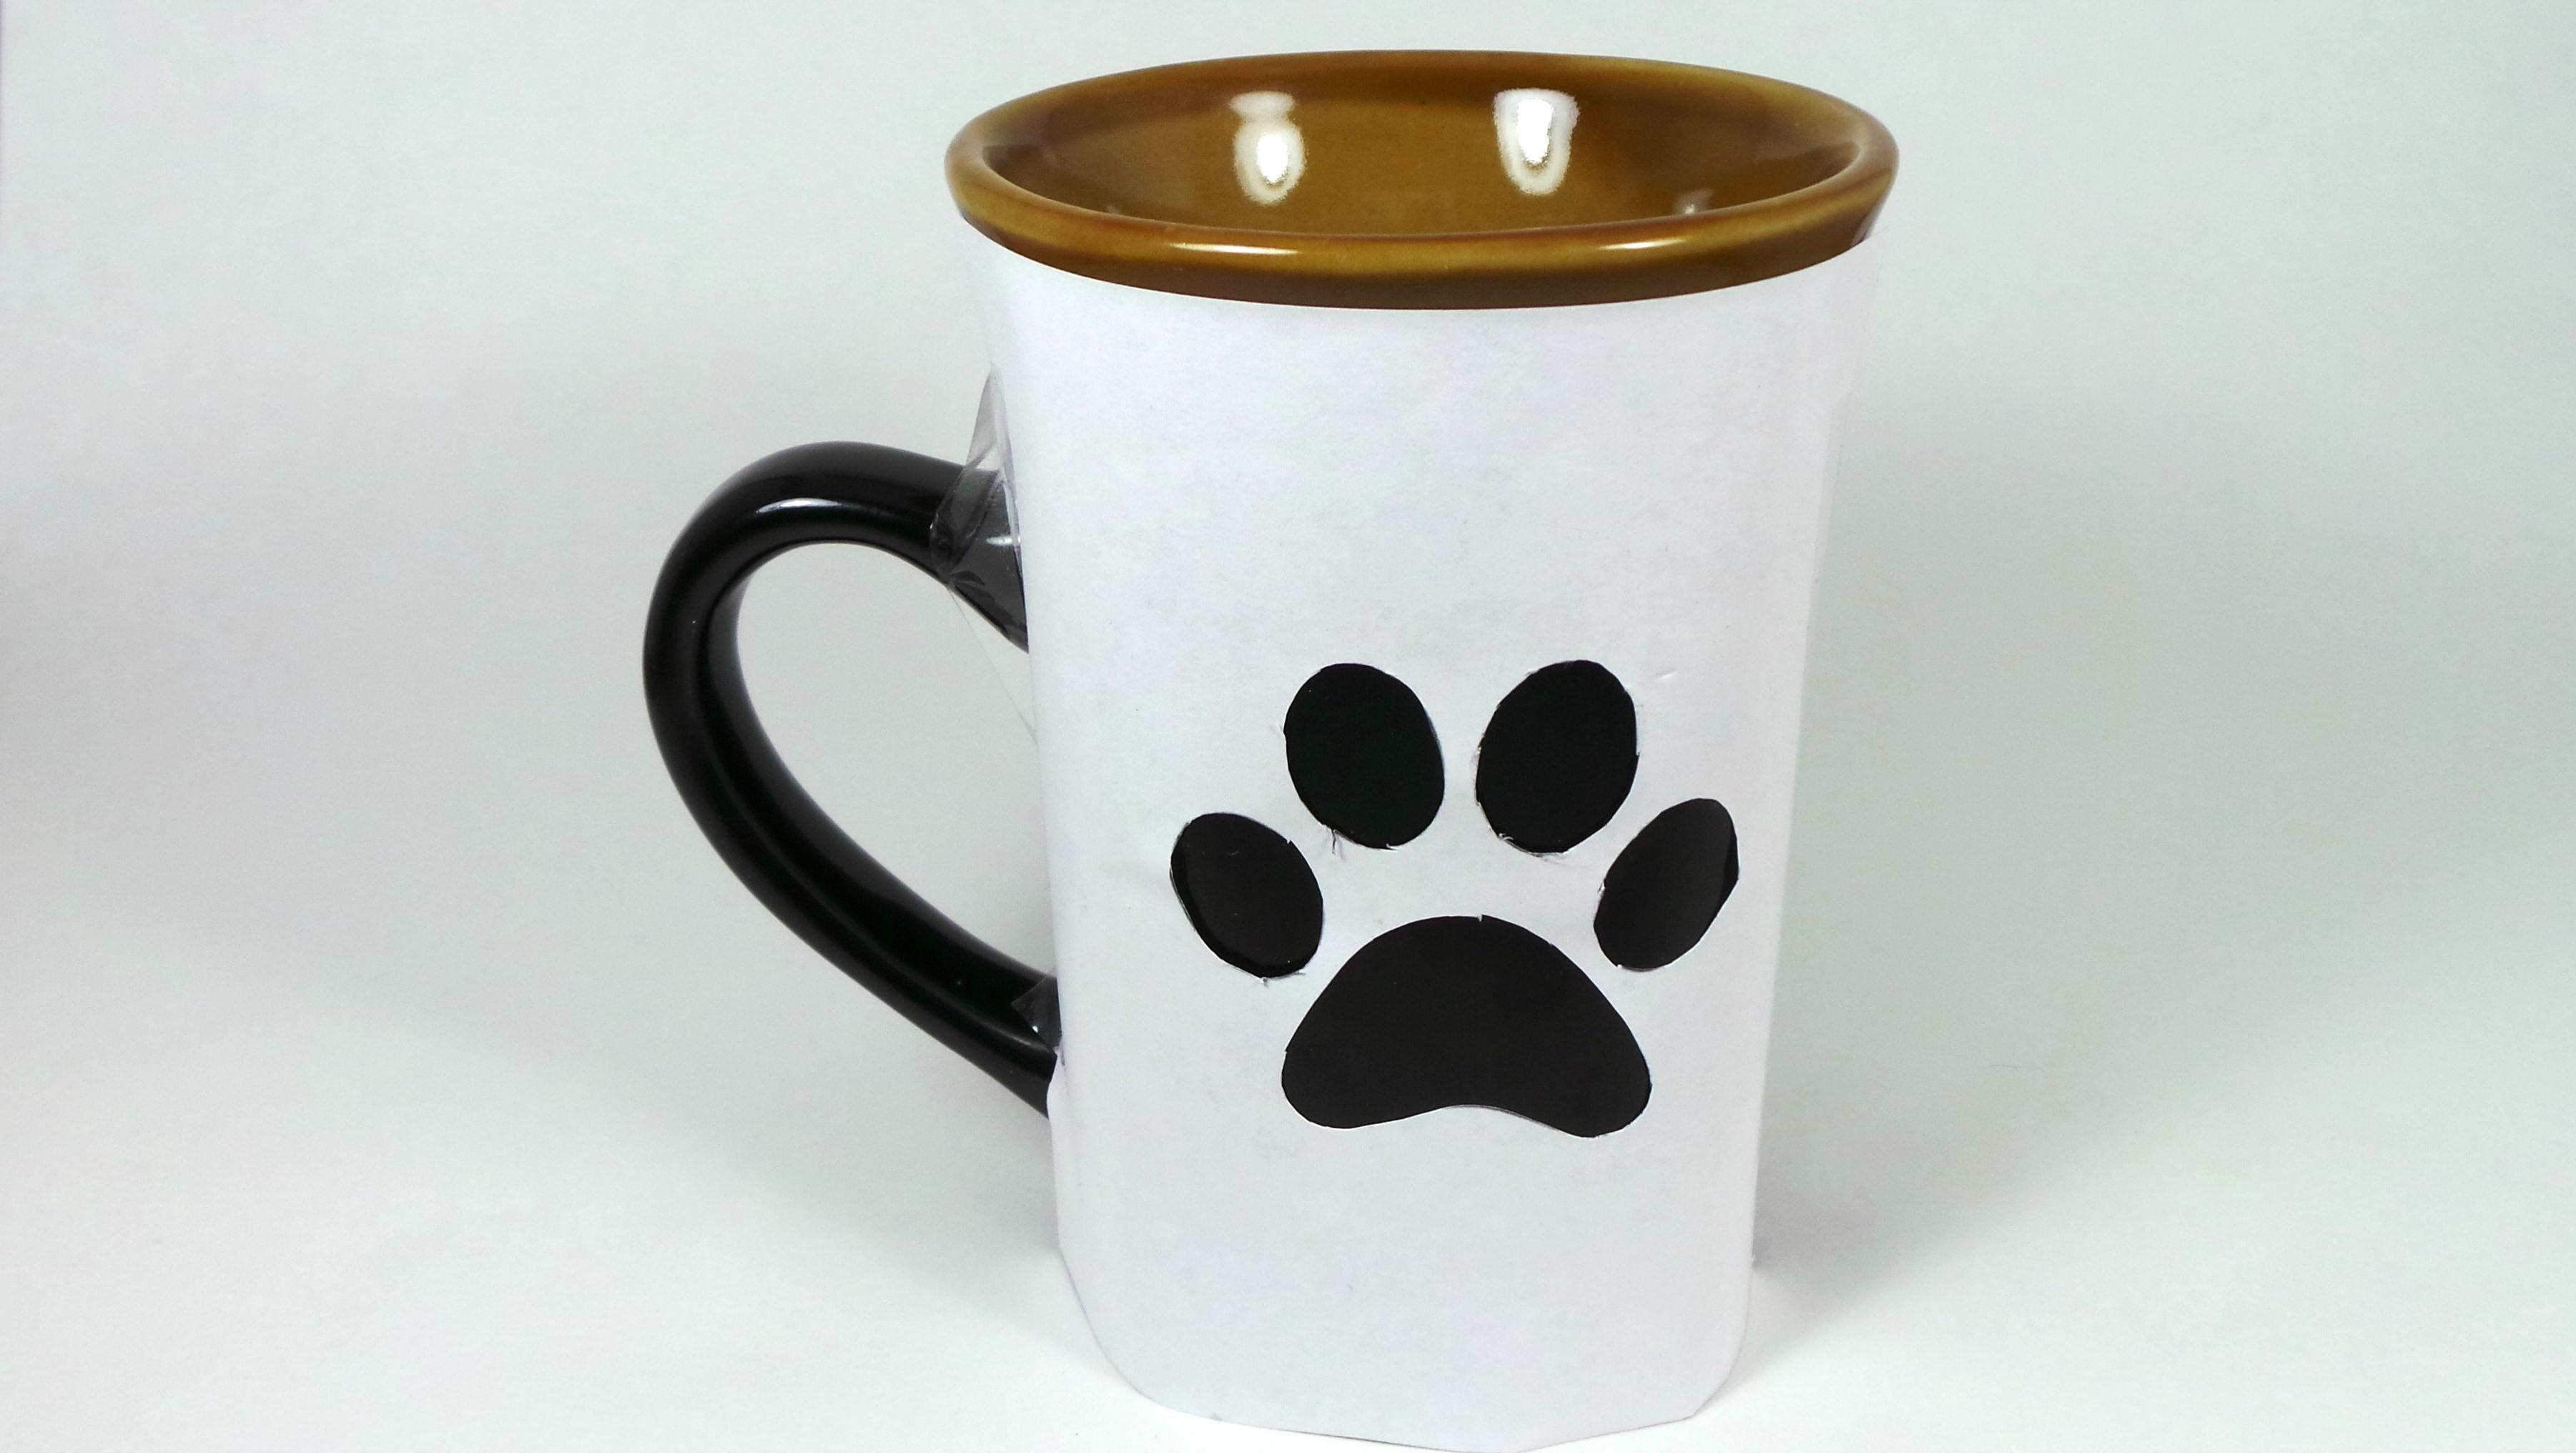 DIY Paw Print Coffee Mug - Step Three